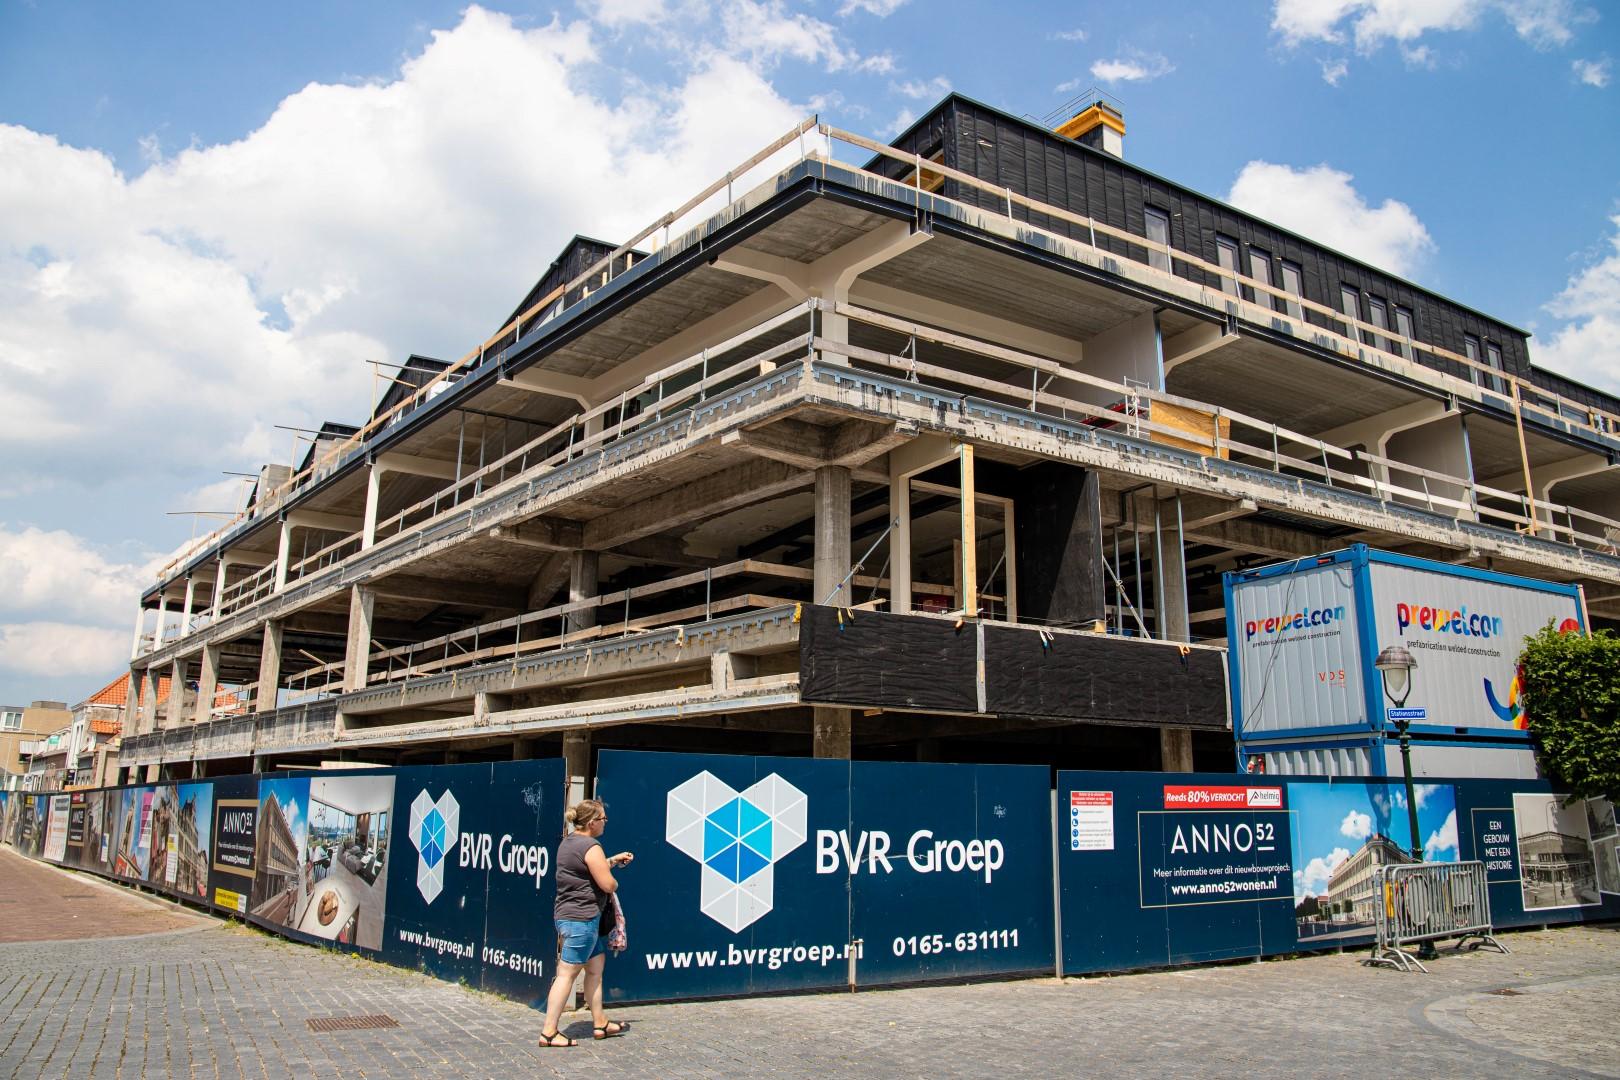 oude v en d v&d ann0 52 nieuwbouwproject huizen appartementen bouwen